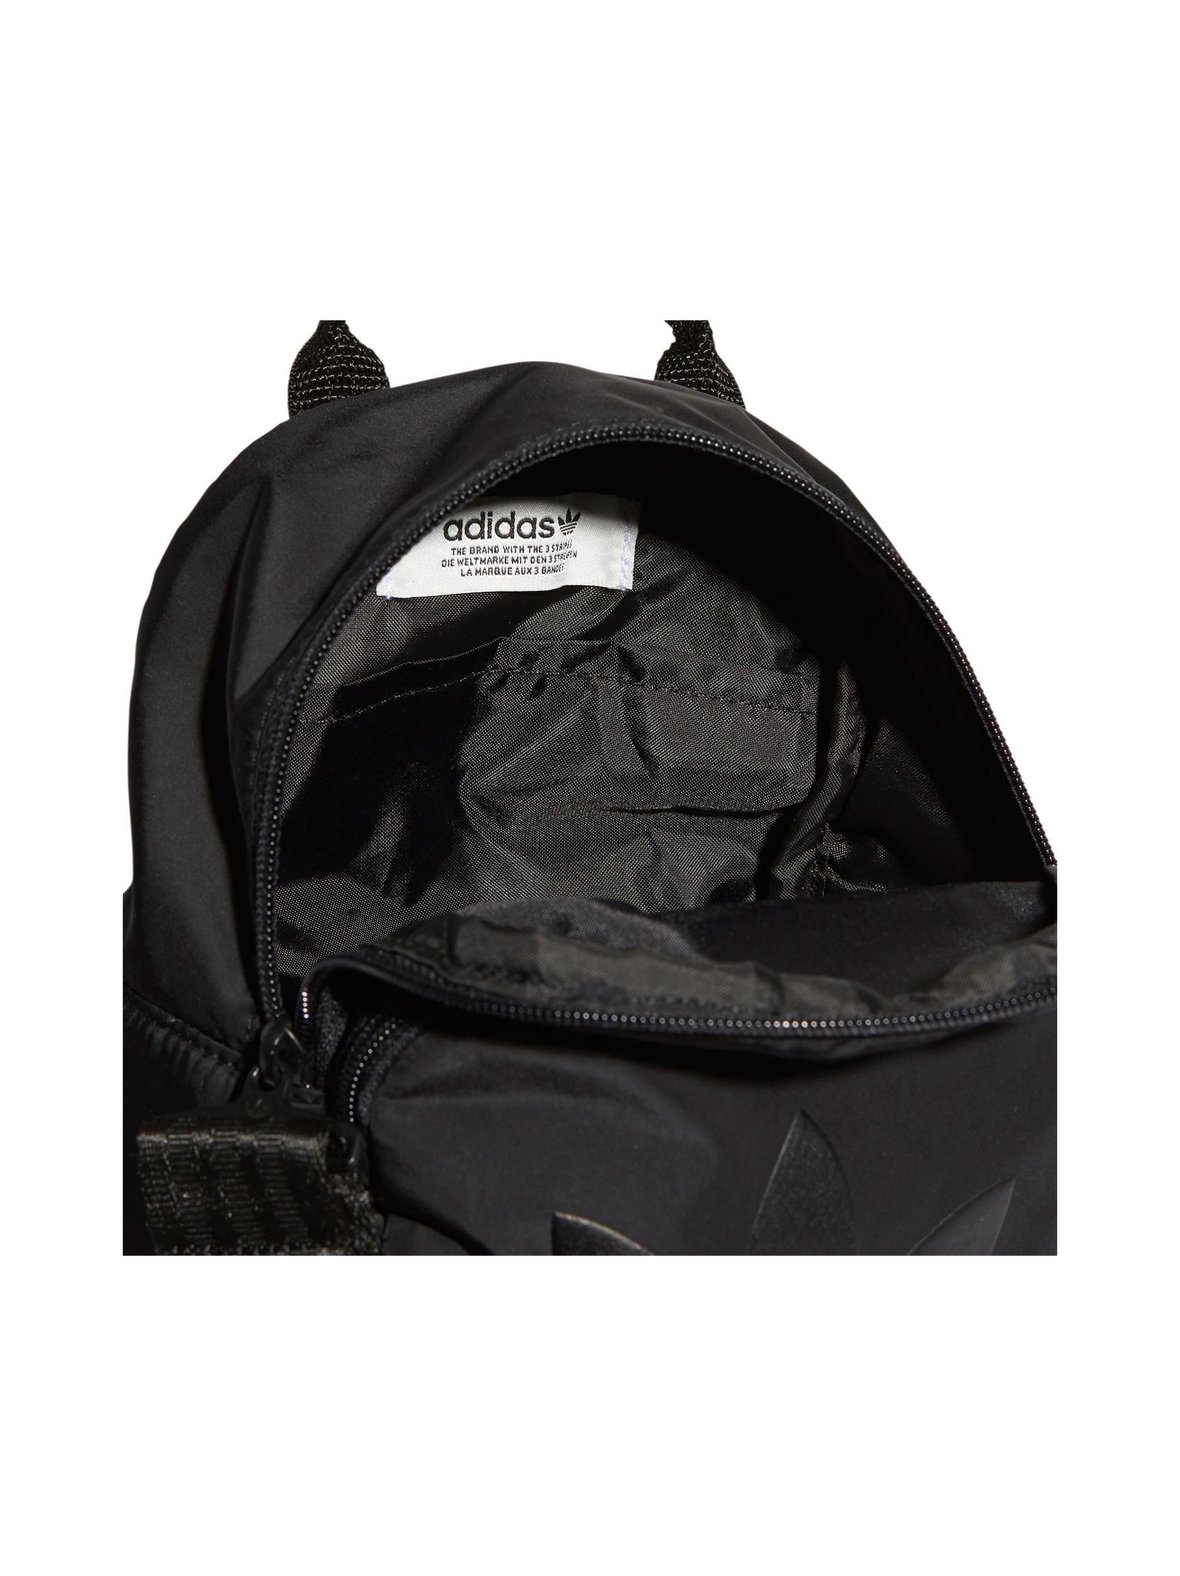 153df7cc96 Black Adidas Originals Classic Mini Backpack -reppu